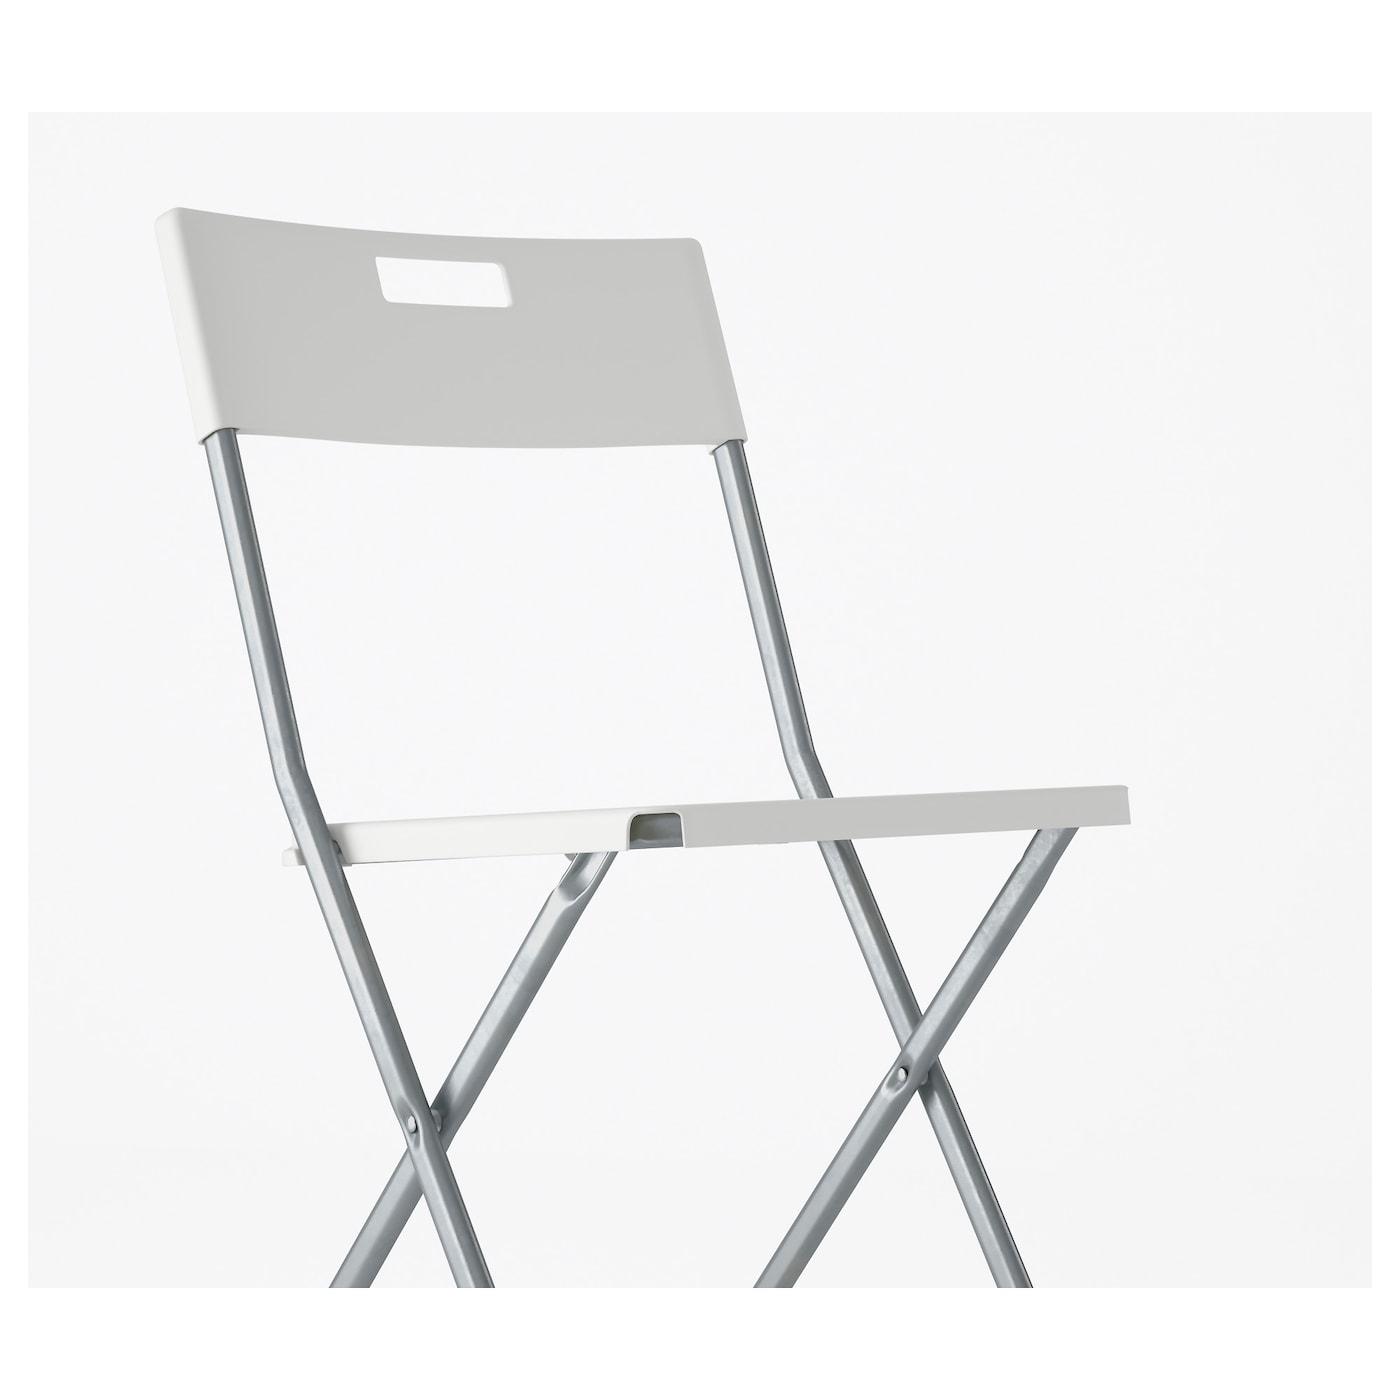 Gunde Folding Chair White Online